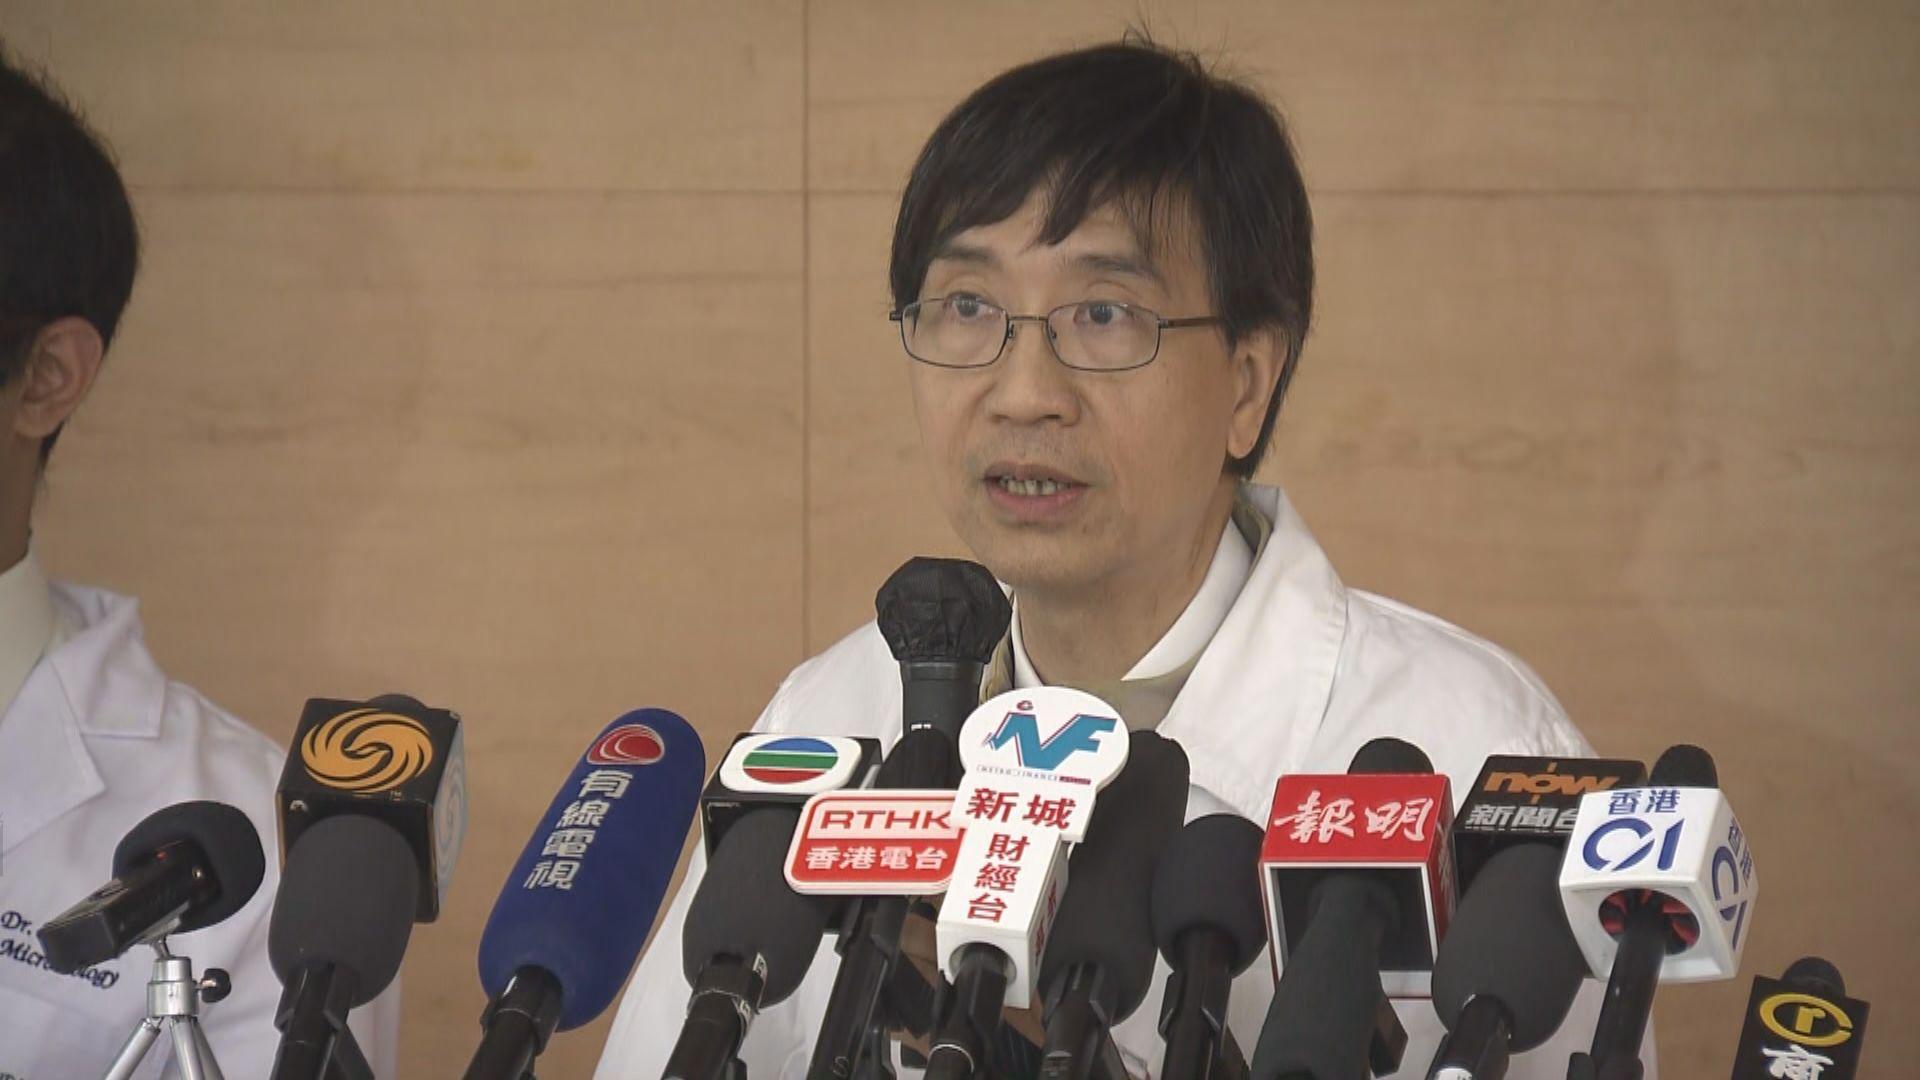 袁國勇:戊肝個案或大爆發前警號